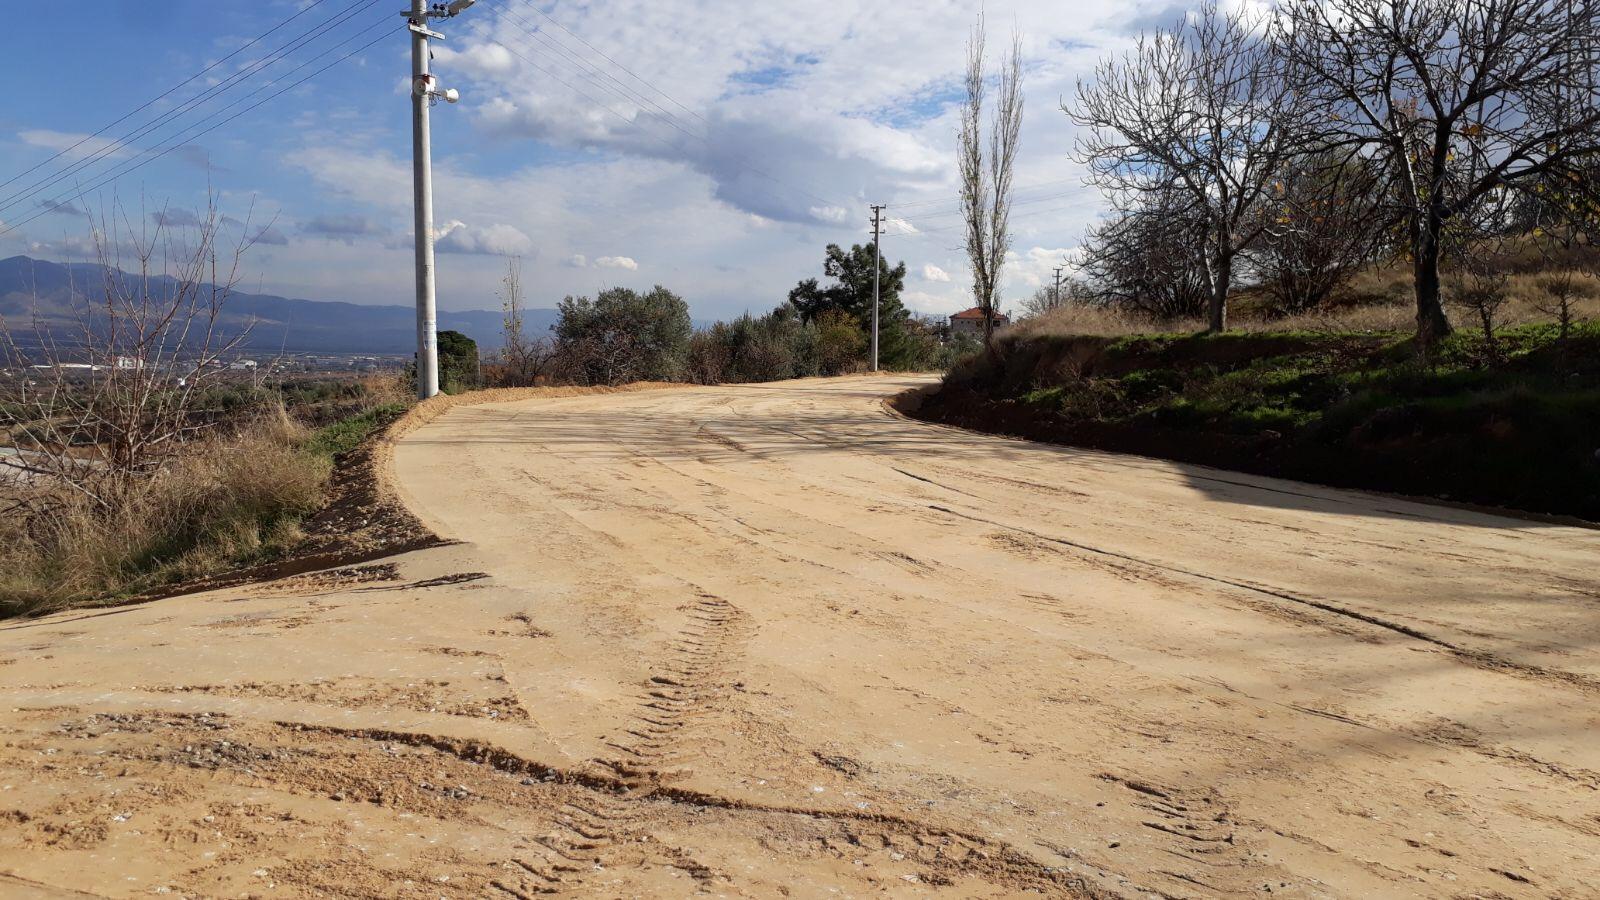 Çeşneli Mahallesinde Yol İyileştirme Çalışmaları Devam Ediyor